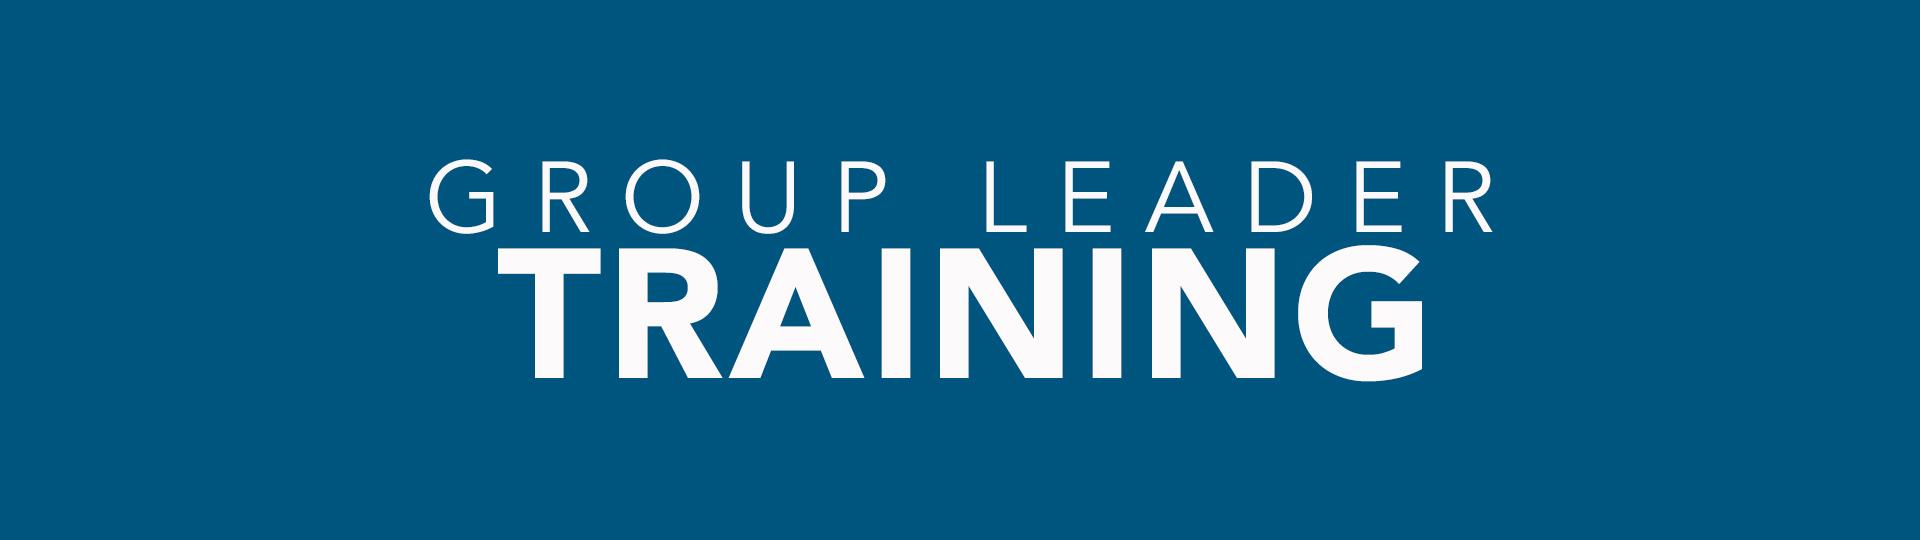 Group Leader Training.jpg